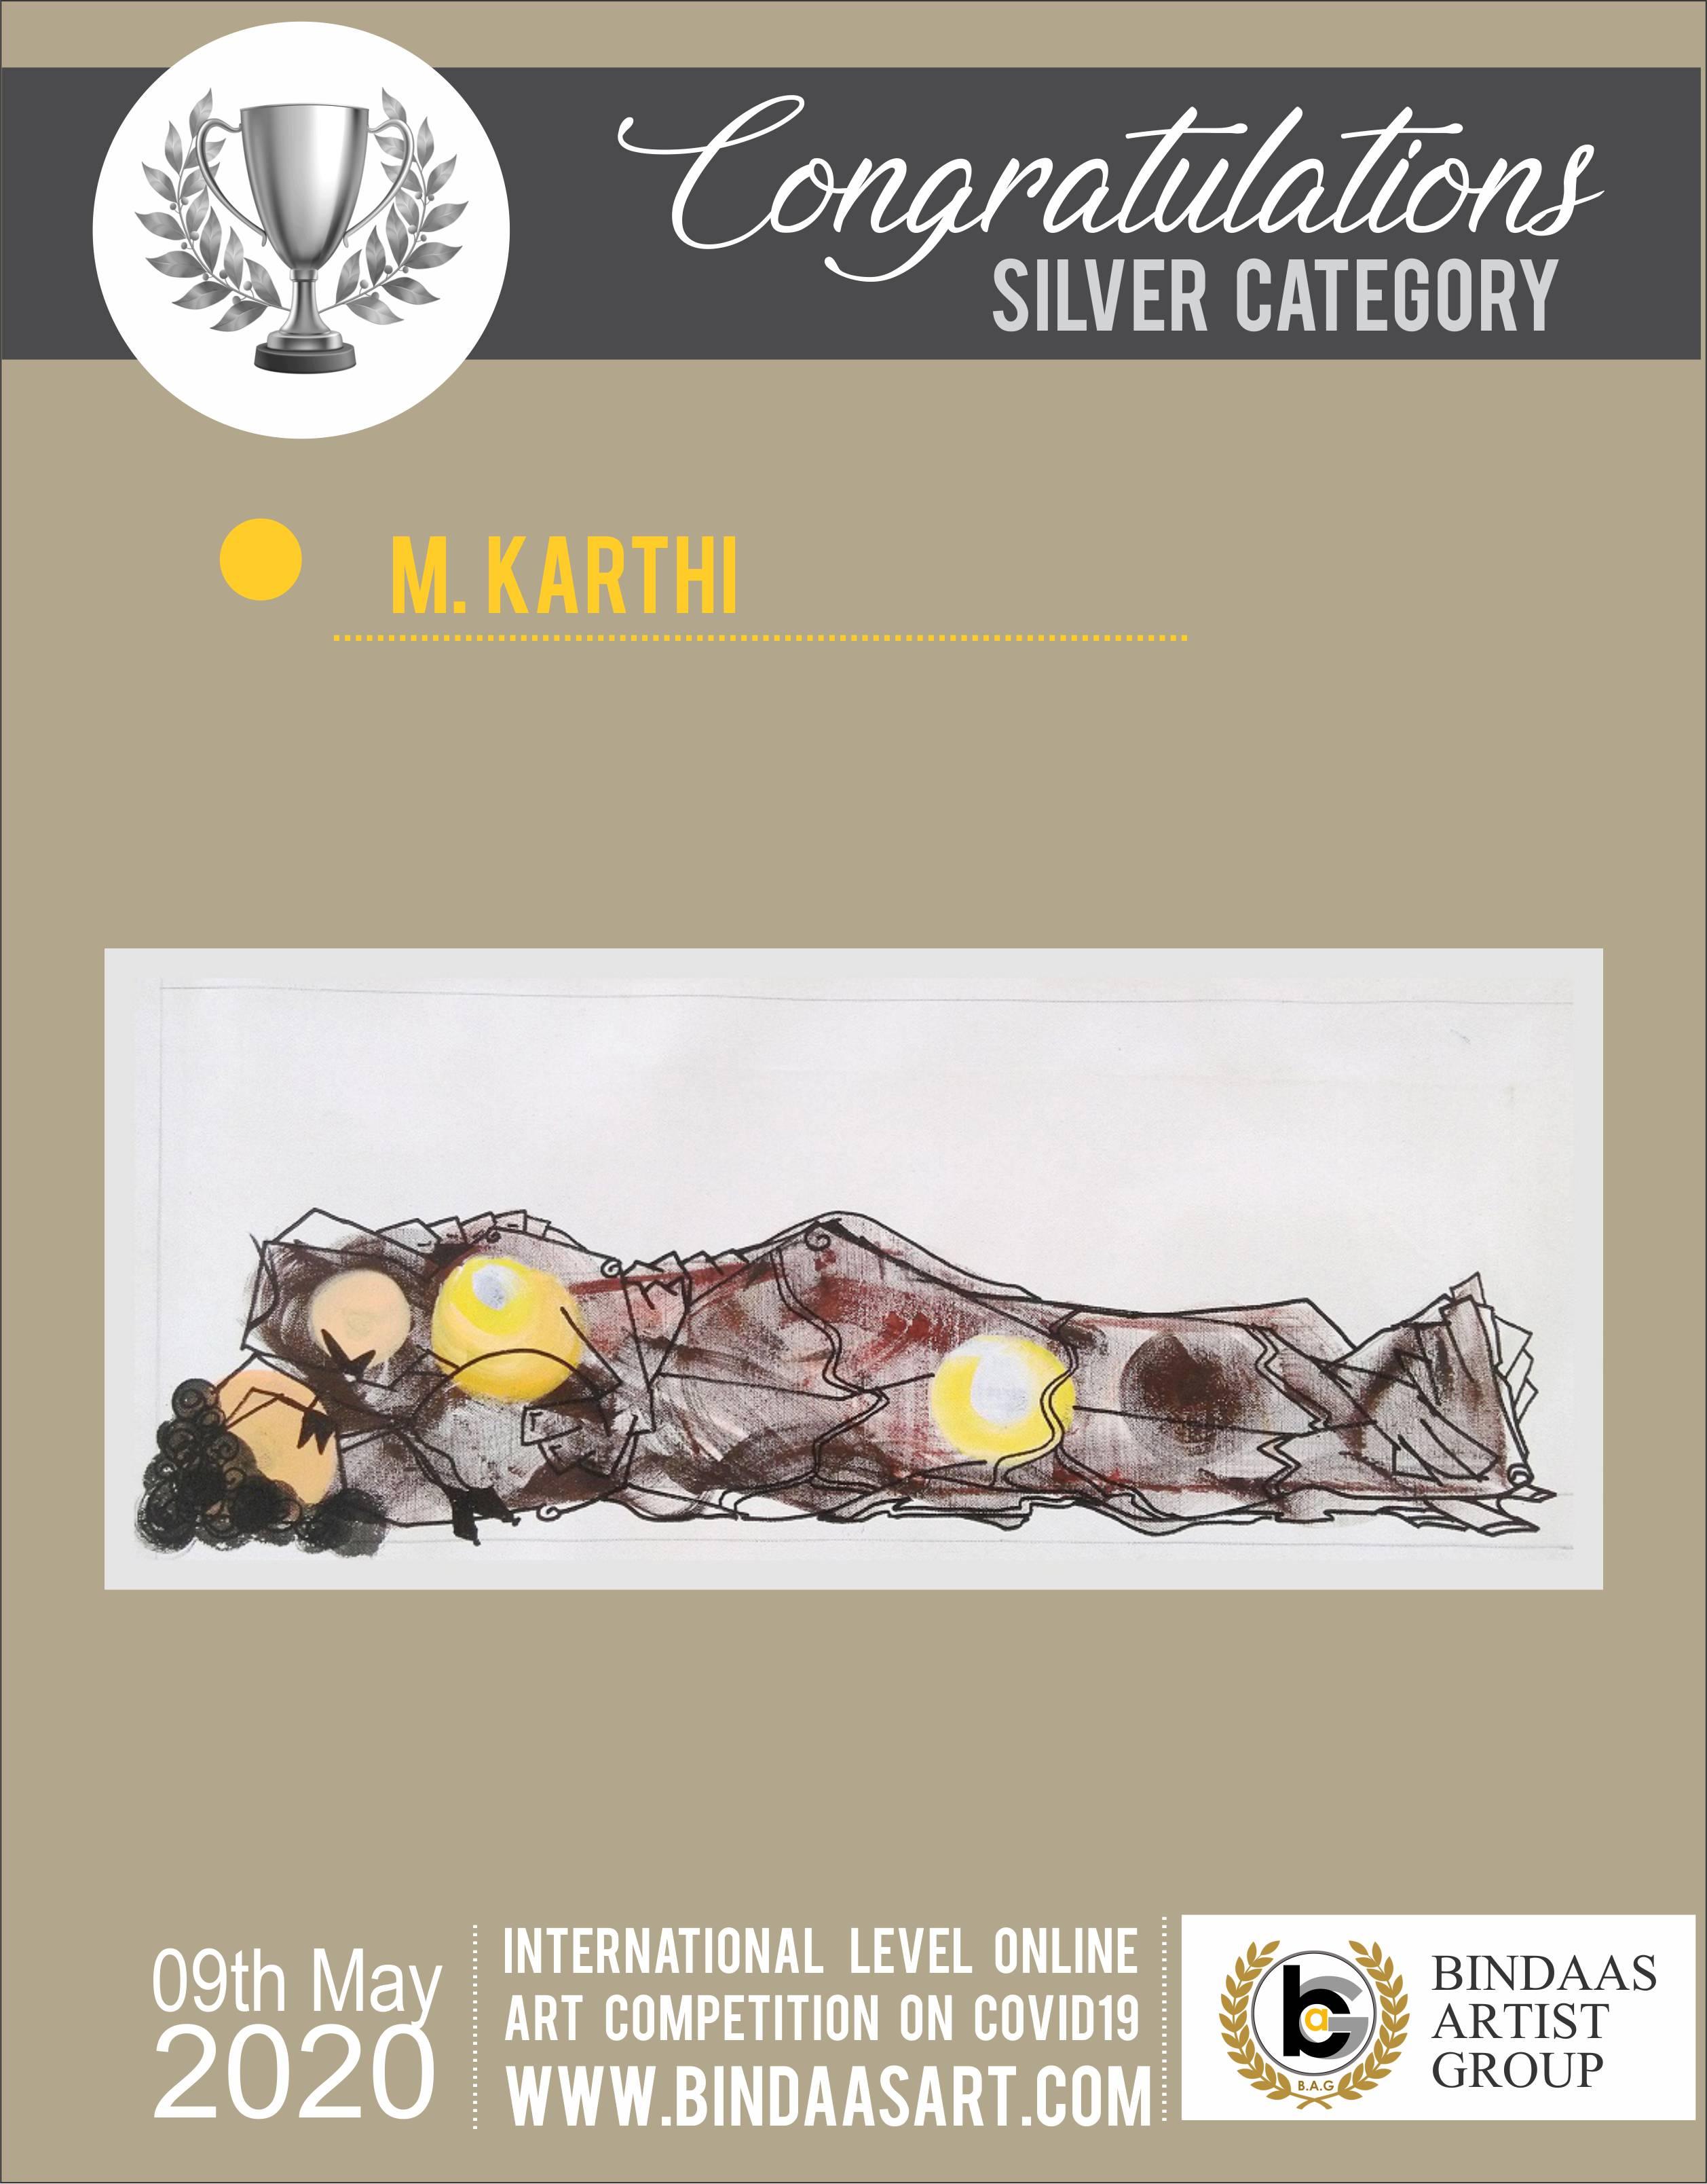 M.KARTHI